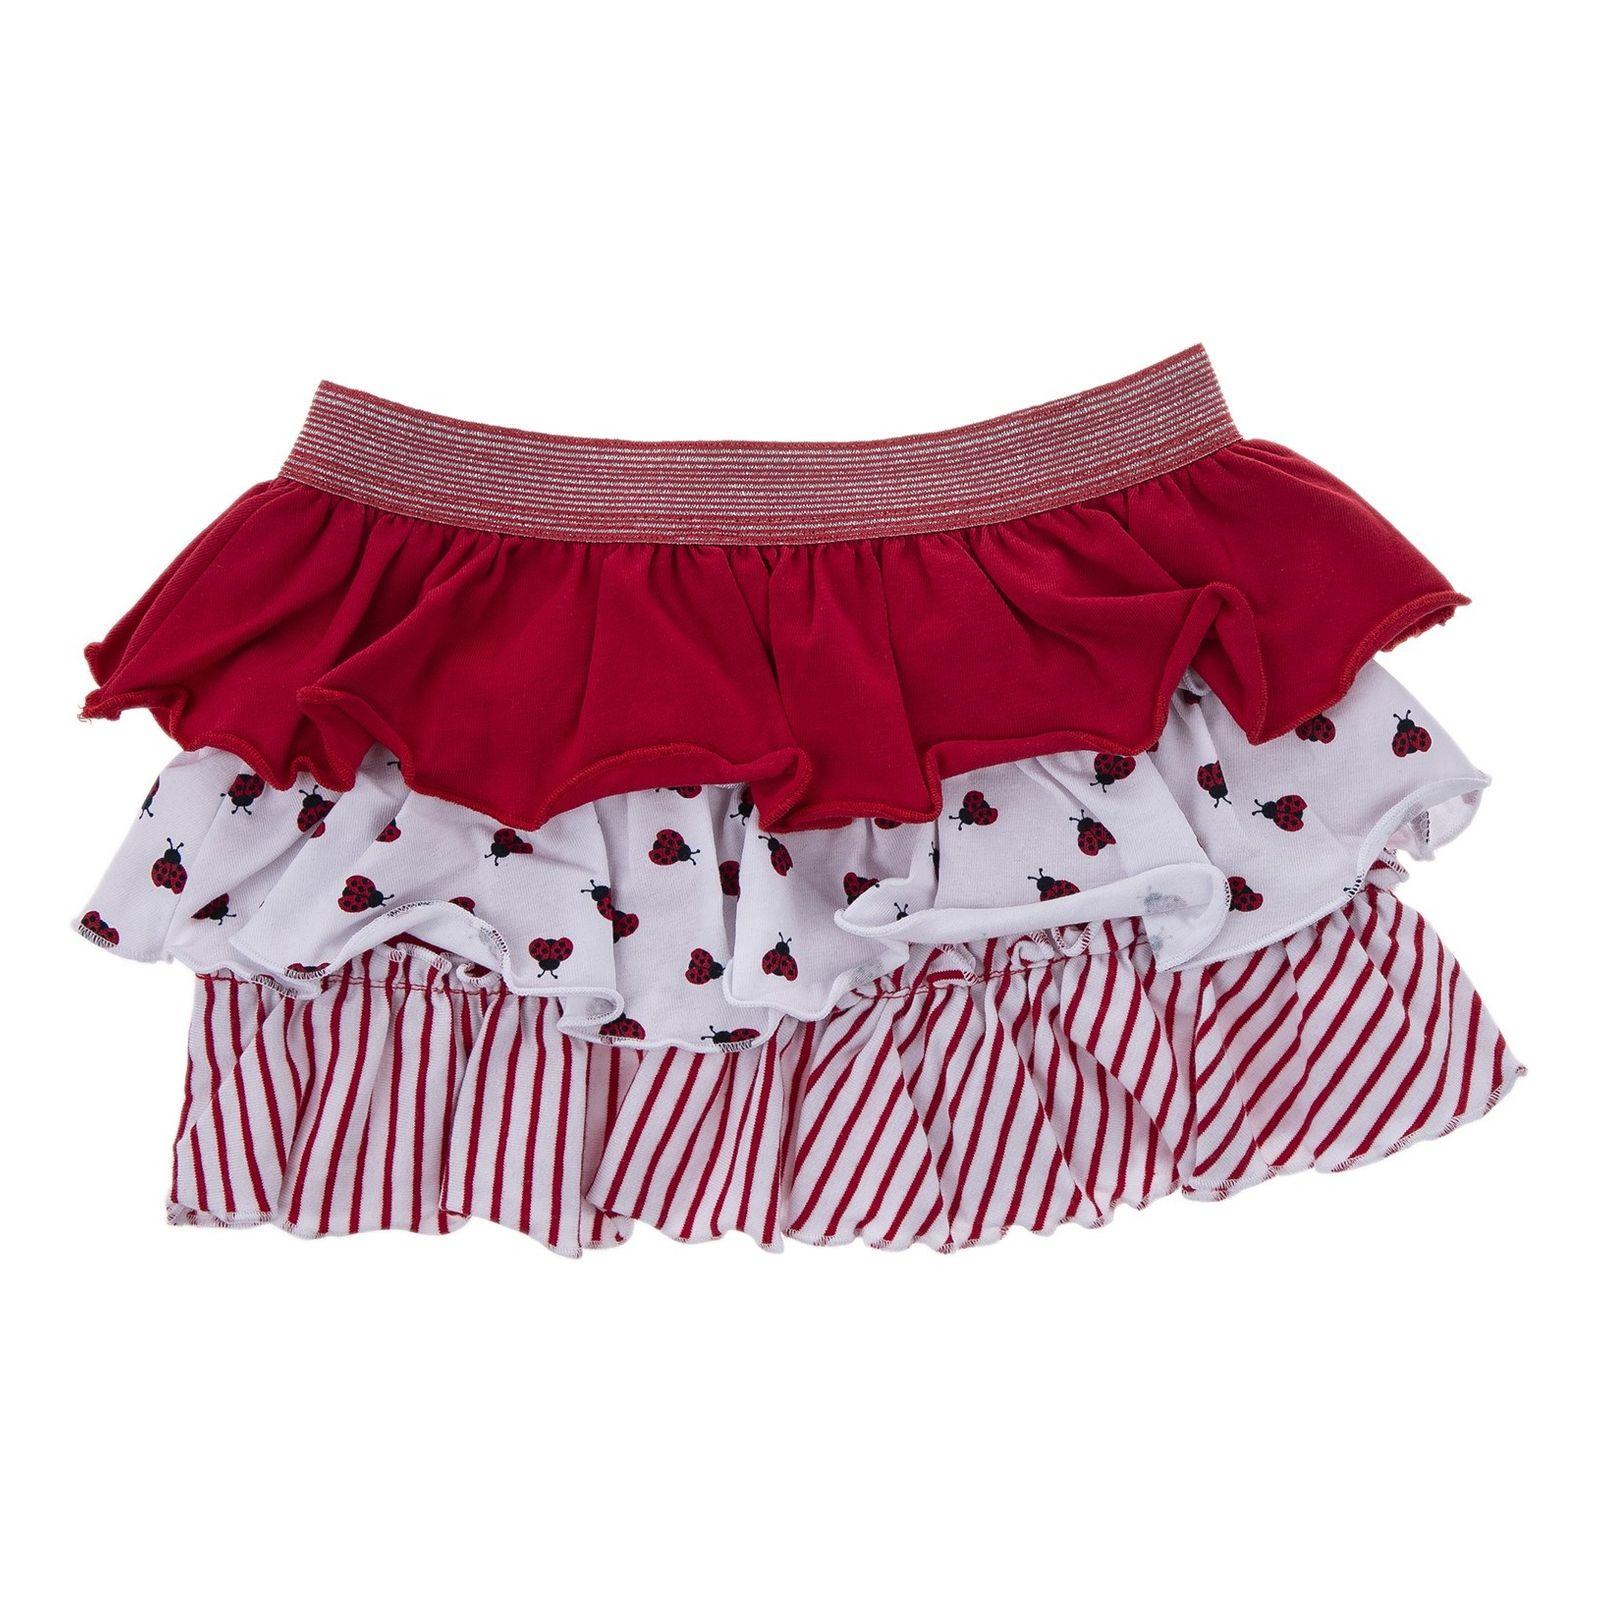 دامن نخی کوتاه نوزادی دخترانه - بلوکیدز - قرمز سفید - 1